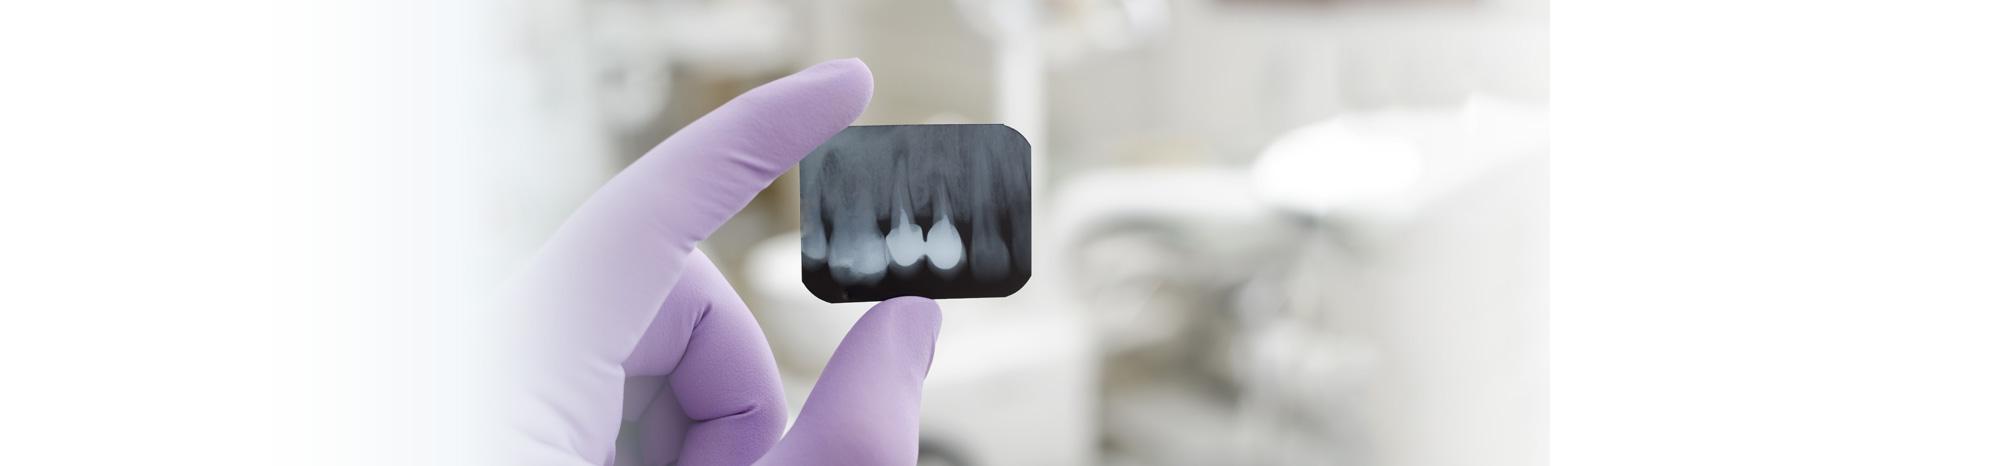 Dental-Slider-5